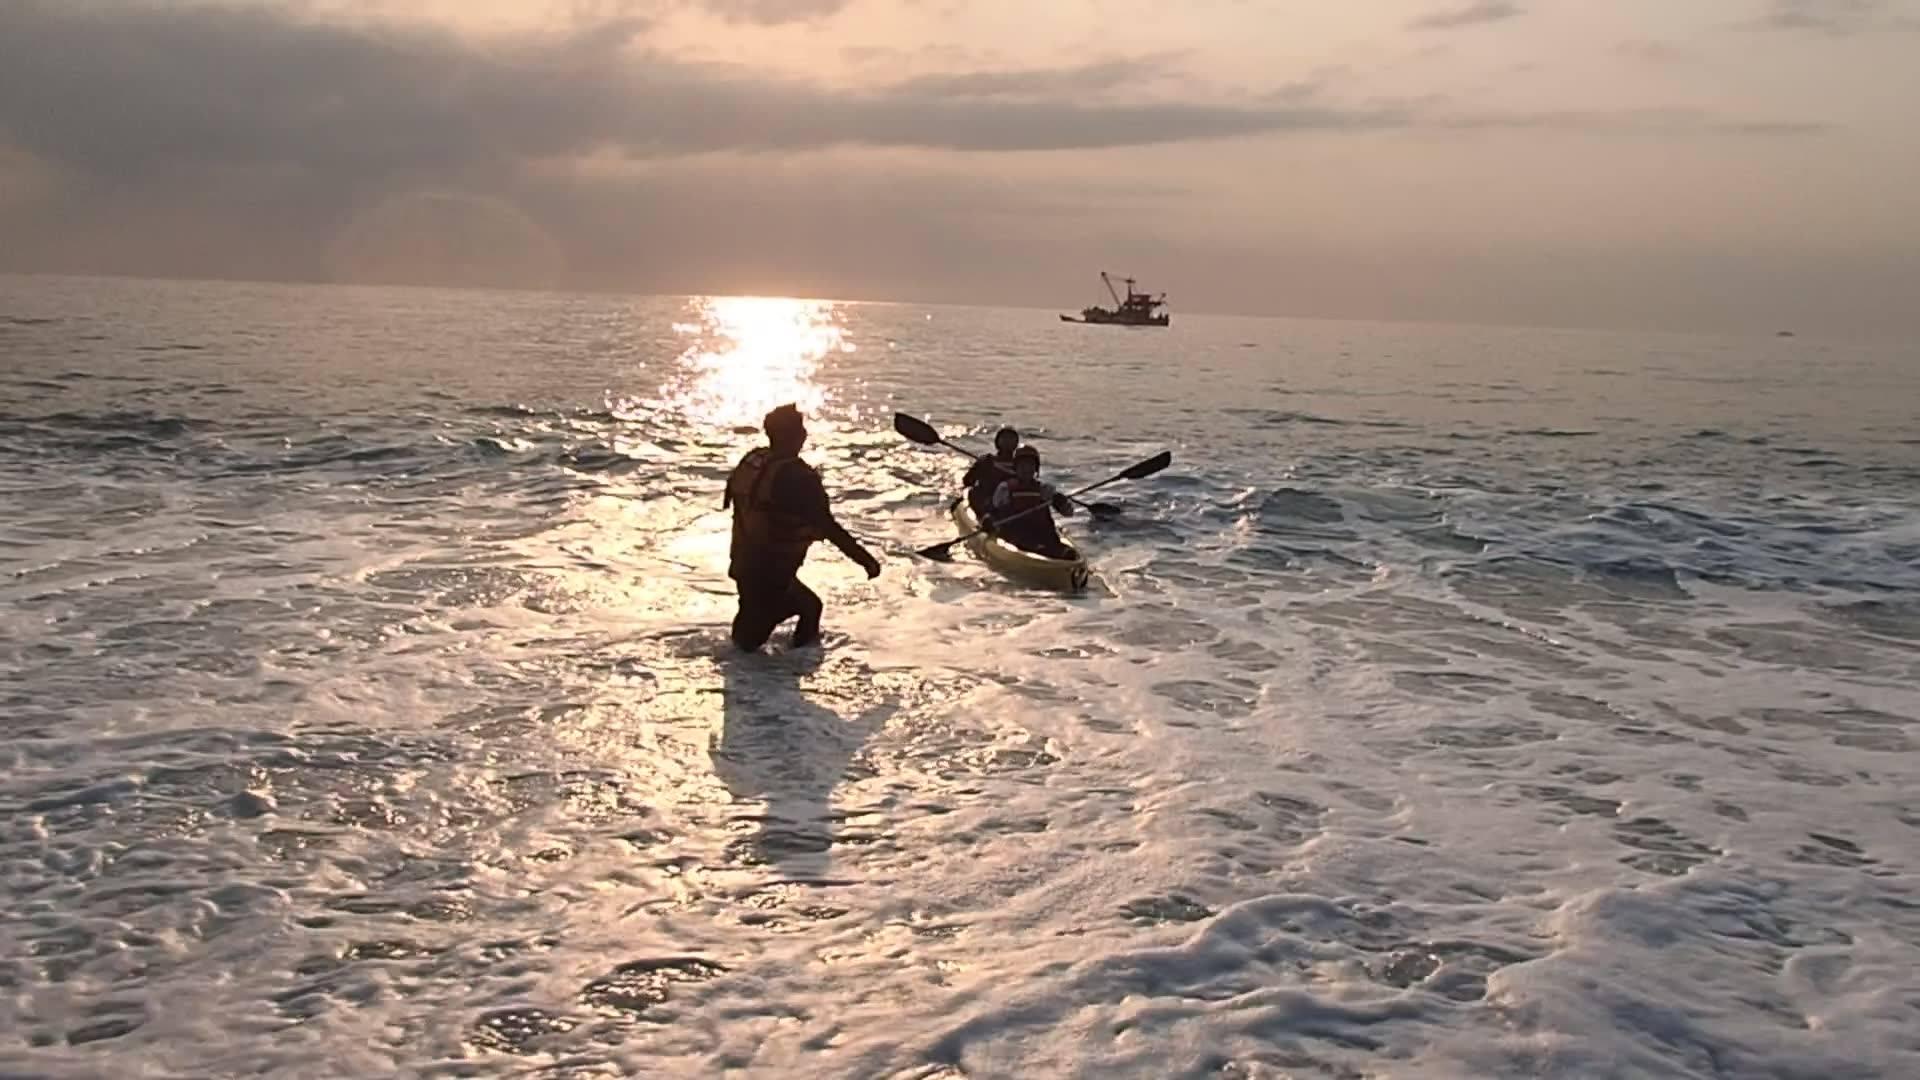 0328清水日出團!今天海水像夏天!海浪也太溫柔了吧!上岸這麼曼也沒翻船!  客人體力不錯唷!居然繞礁成功!(應該是今年前30位)